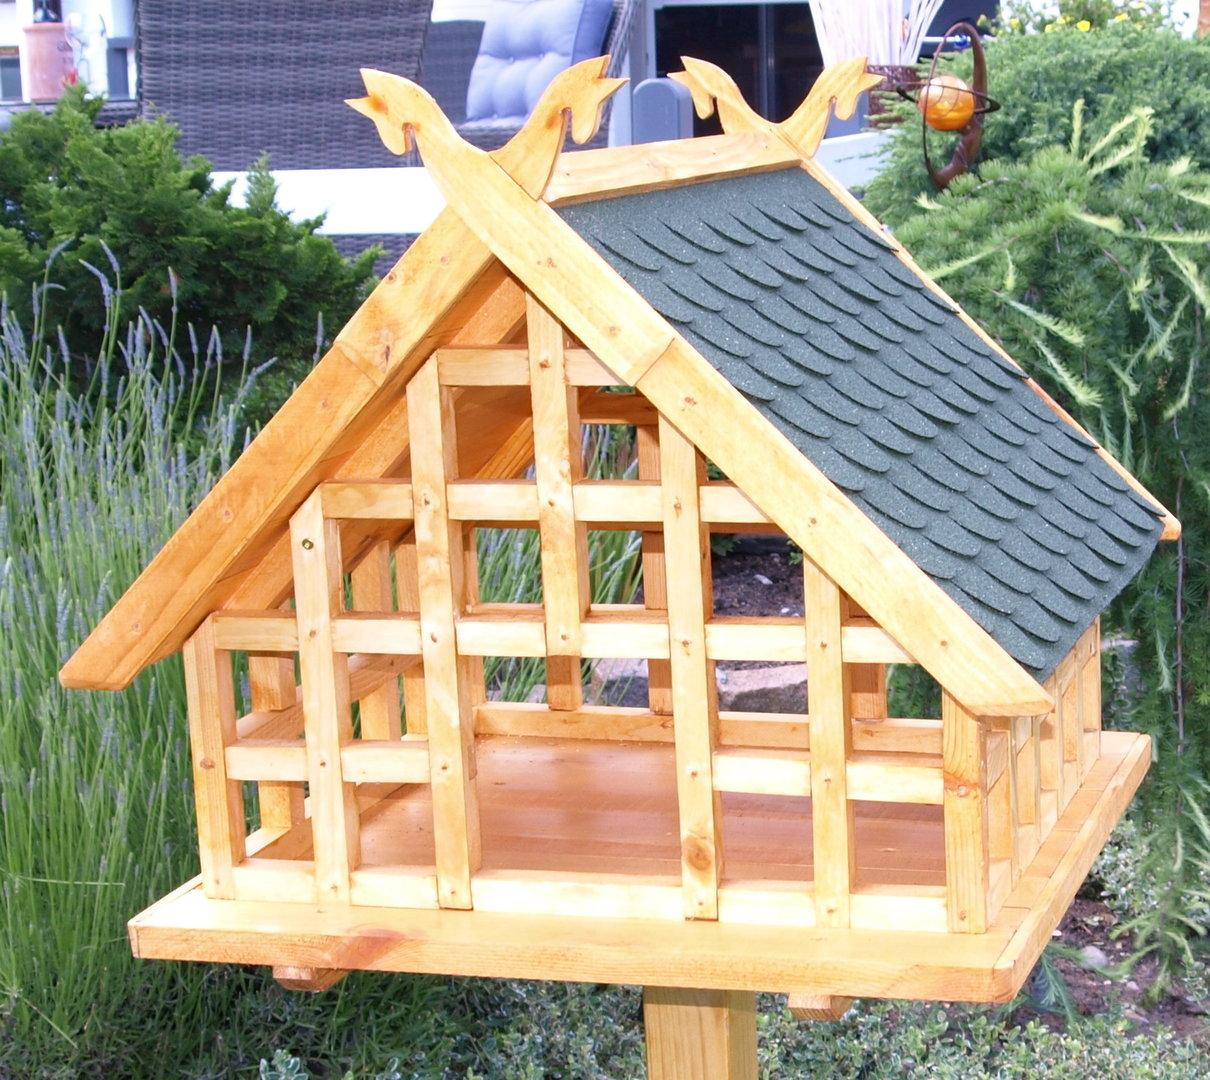 xxl niedersachsen fachwerk vogelhaus mit pferdek pfen als giebelschmuck und gr nem schindeldach. Black Bedroom Furniture Sets. Home Design Ideas